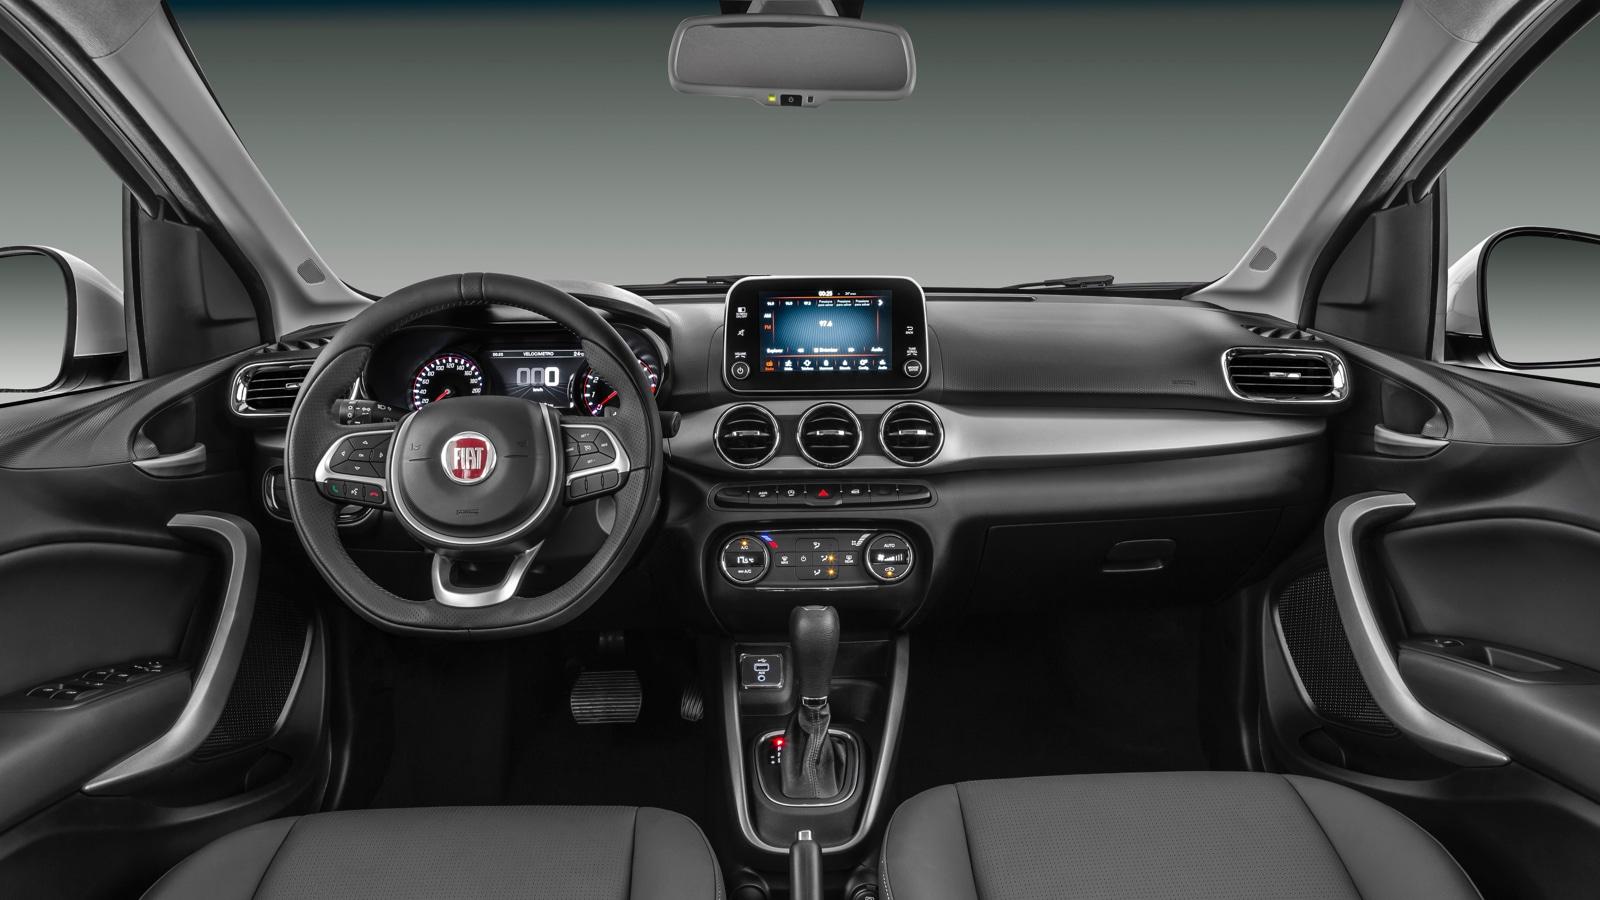 Nieuwe Fiat Argo 2021: prijs, motorisatie, gegevensblad en fotos